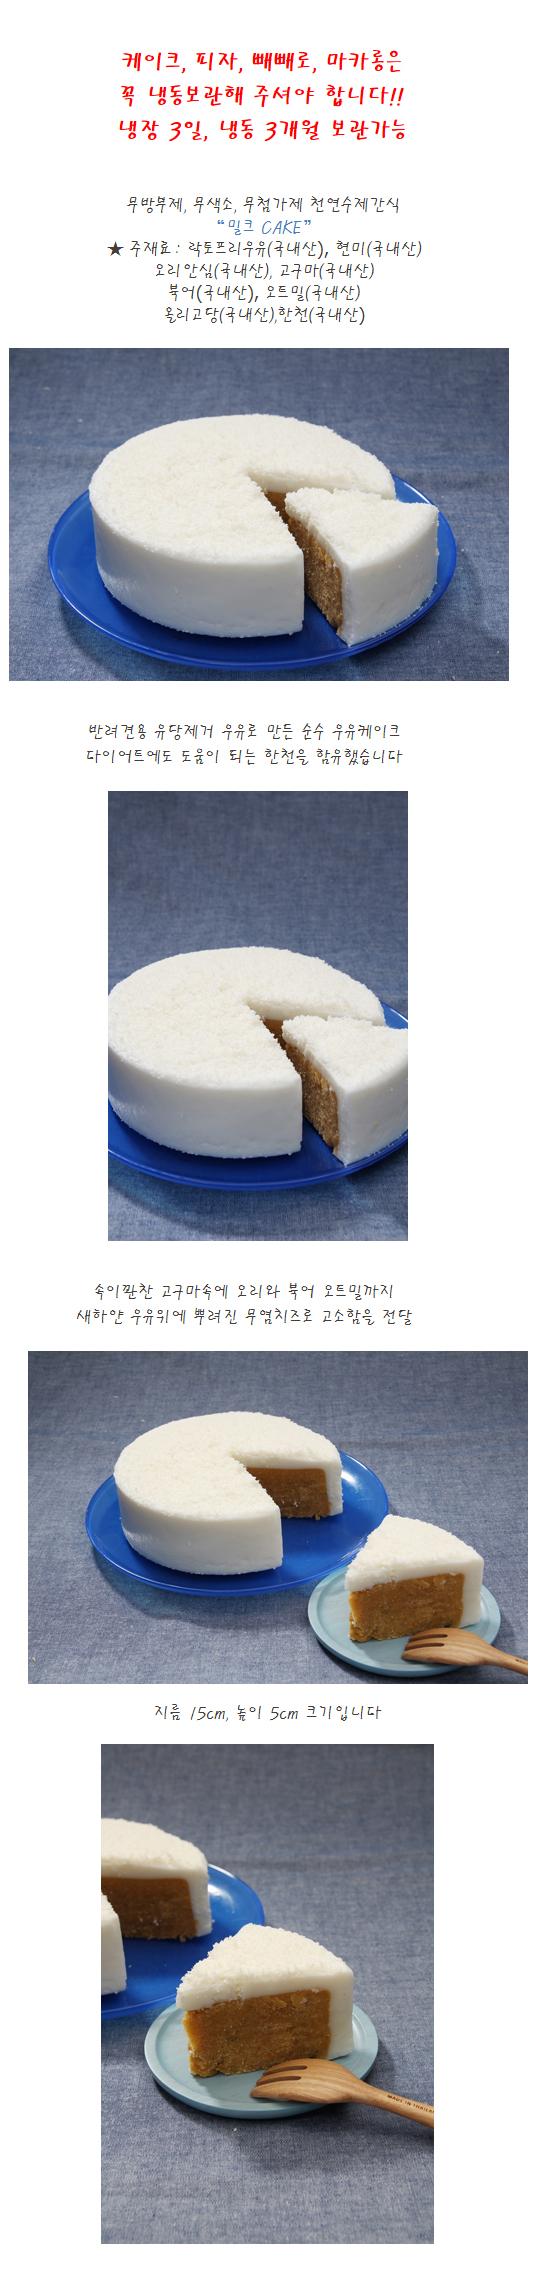 힐링펫 수제케익 밀크 케이크 - 힐링펫, 25,000원, 간식/영양제, 수제간식